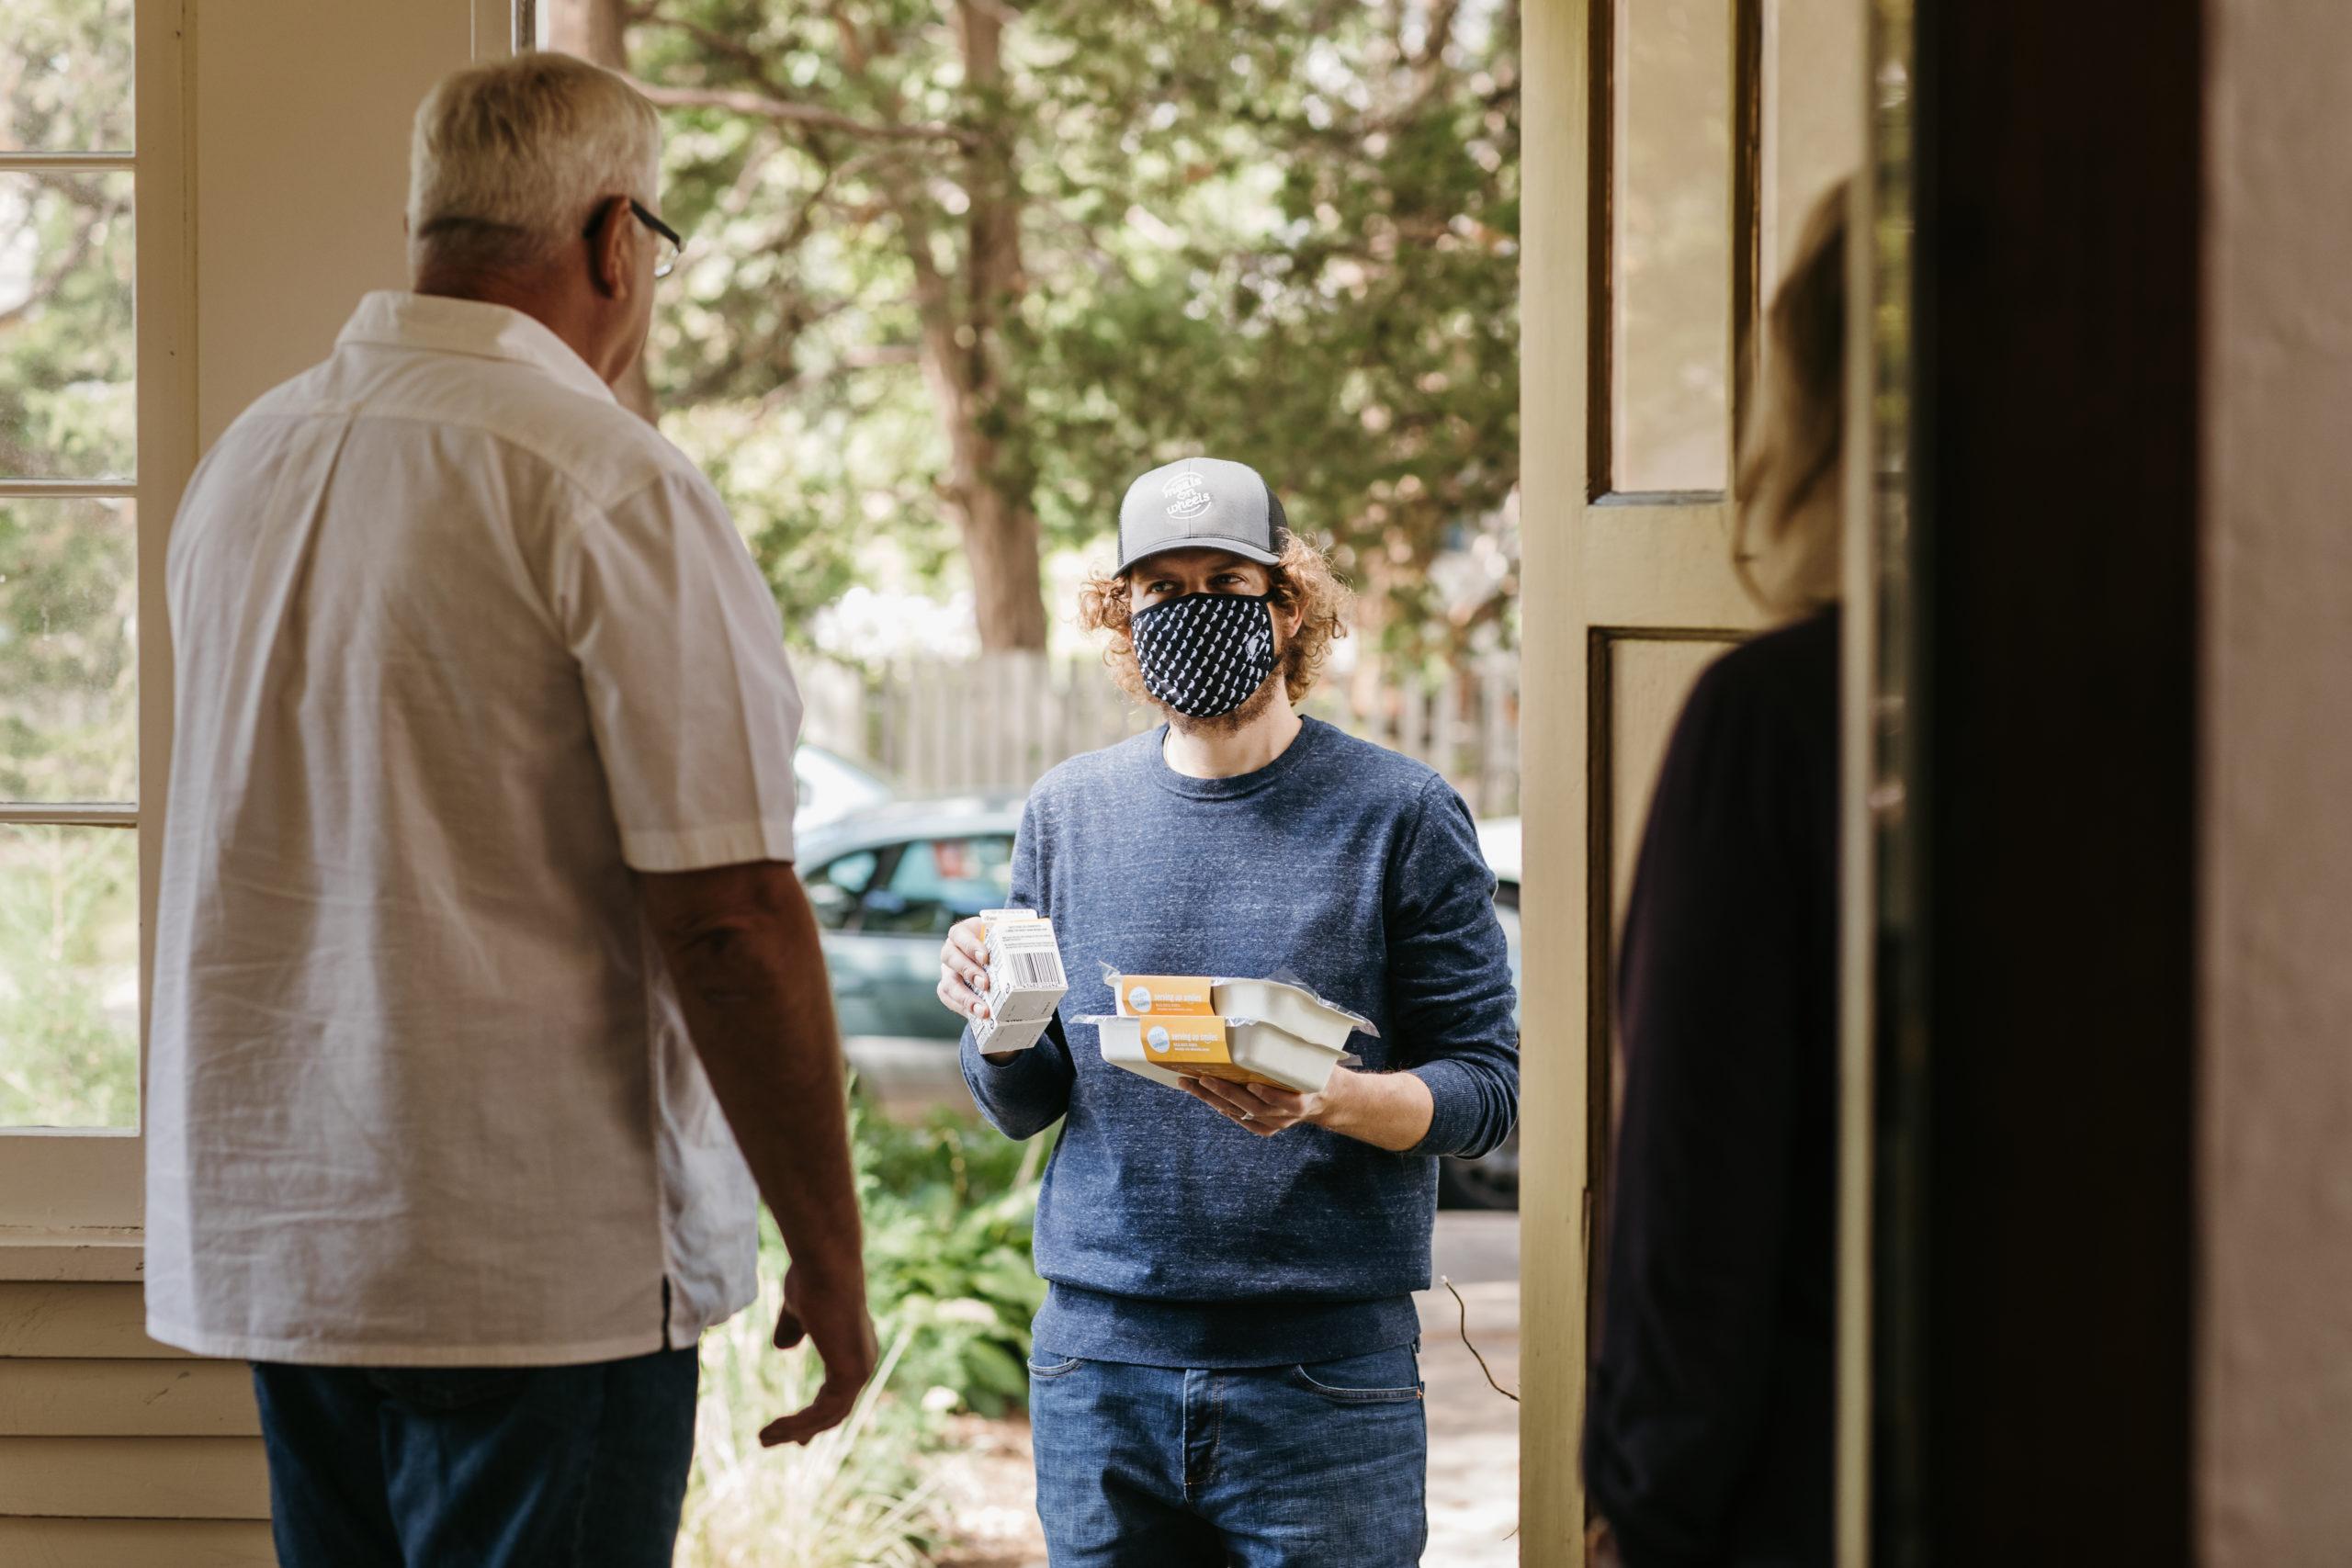 Volunteer delivering meals